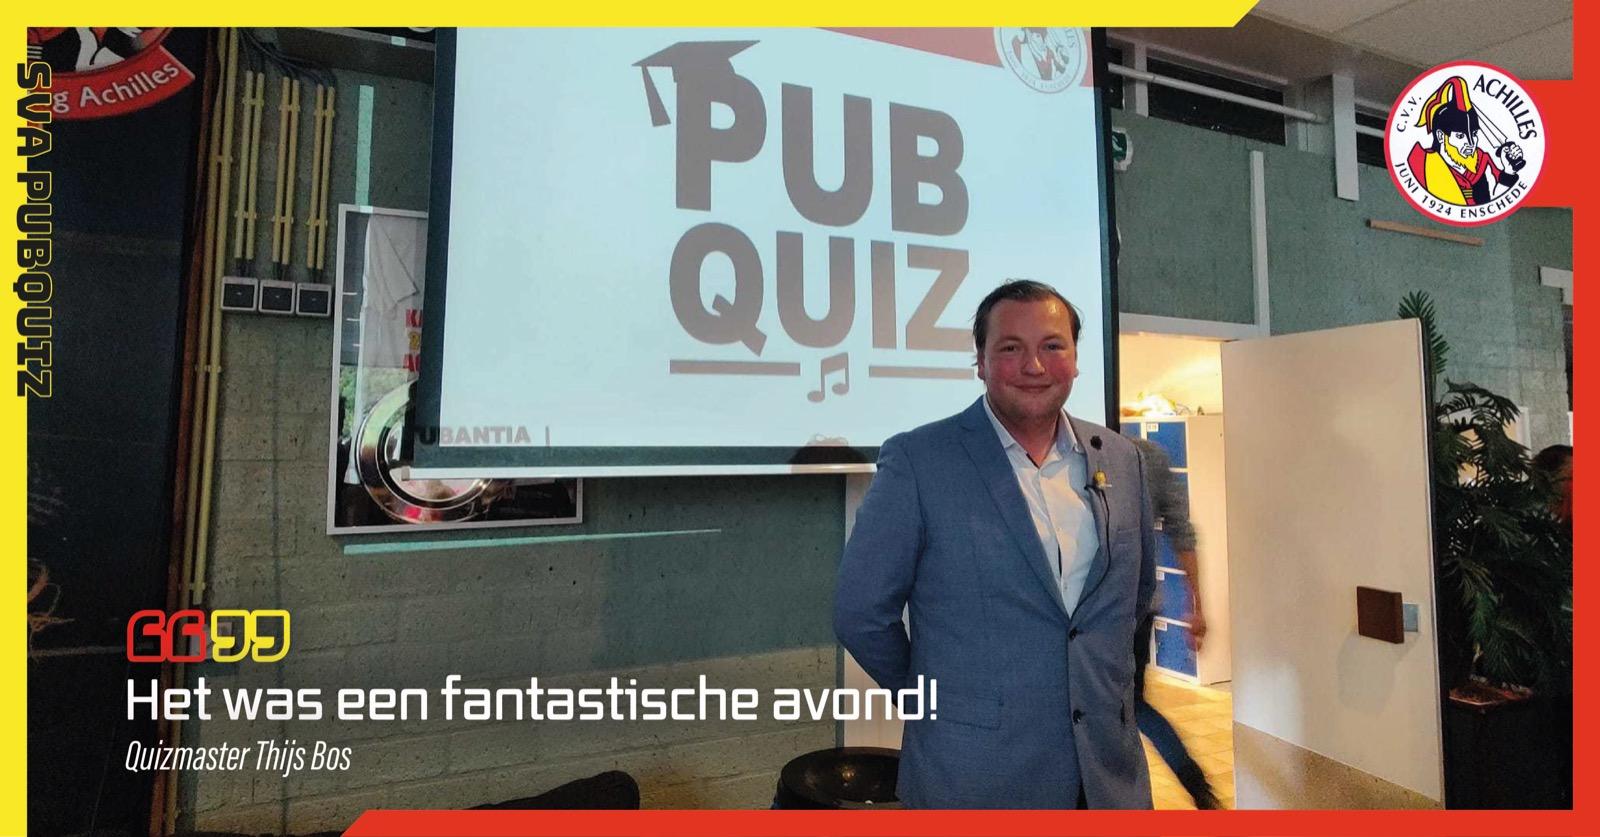 Quizmaster Thijs Bos blikt terug op 'fantastische avond'